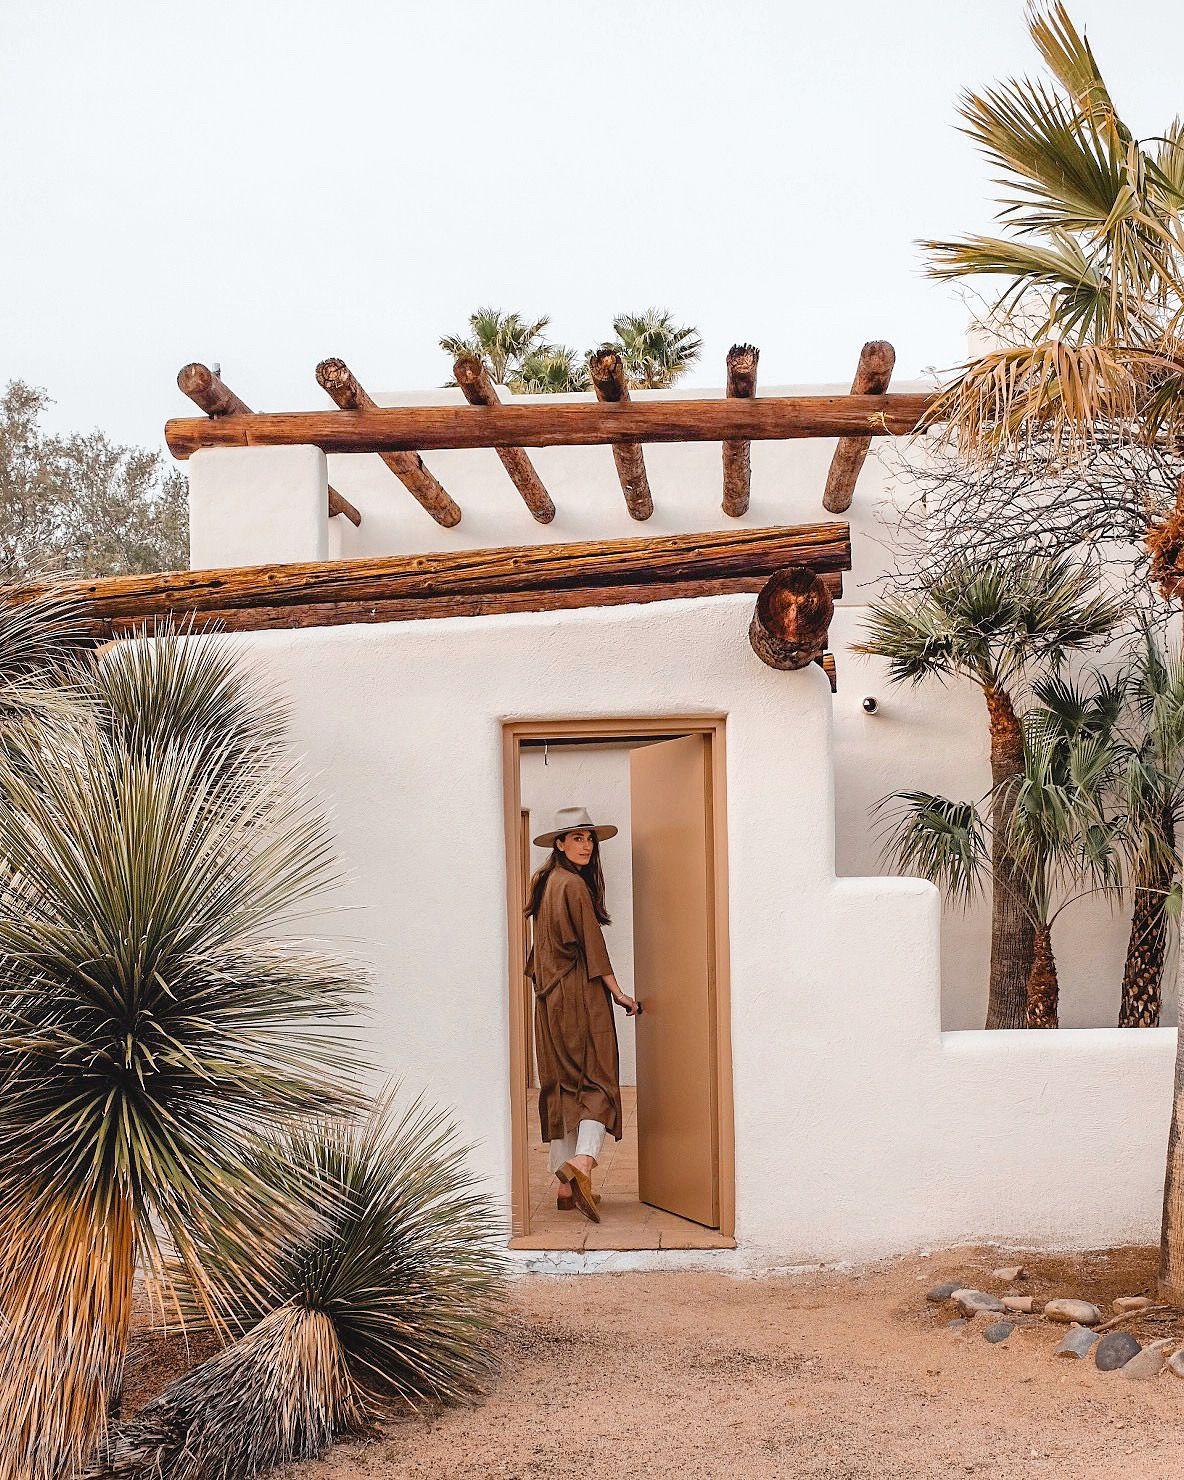 This Tucson Inn Offers ExtraInstagrammable Desert Decor